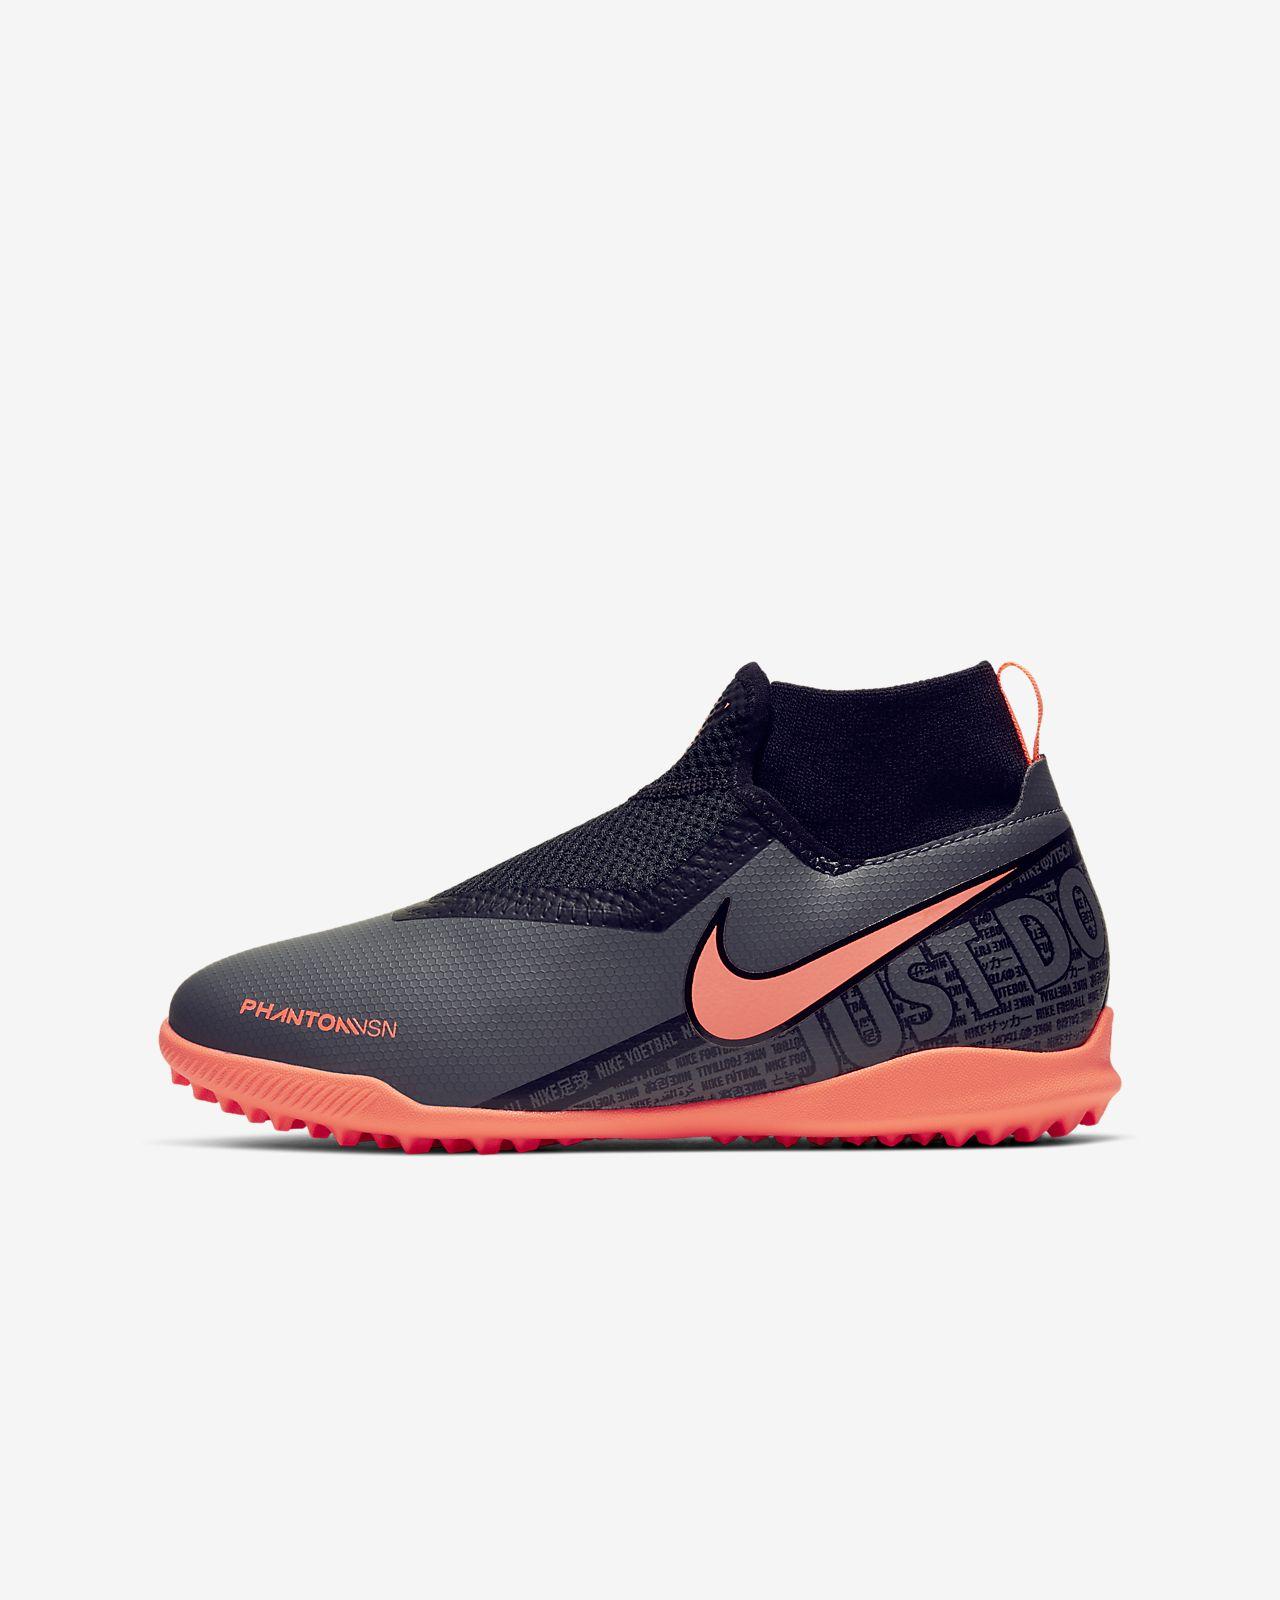 Nike Jr. Phantom Vision Academy Dynamic Fit-fodboldsko til grus til små/store børn